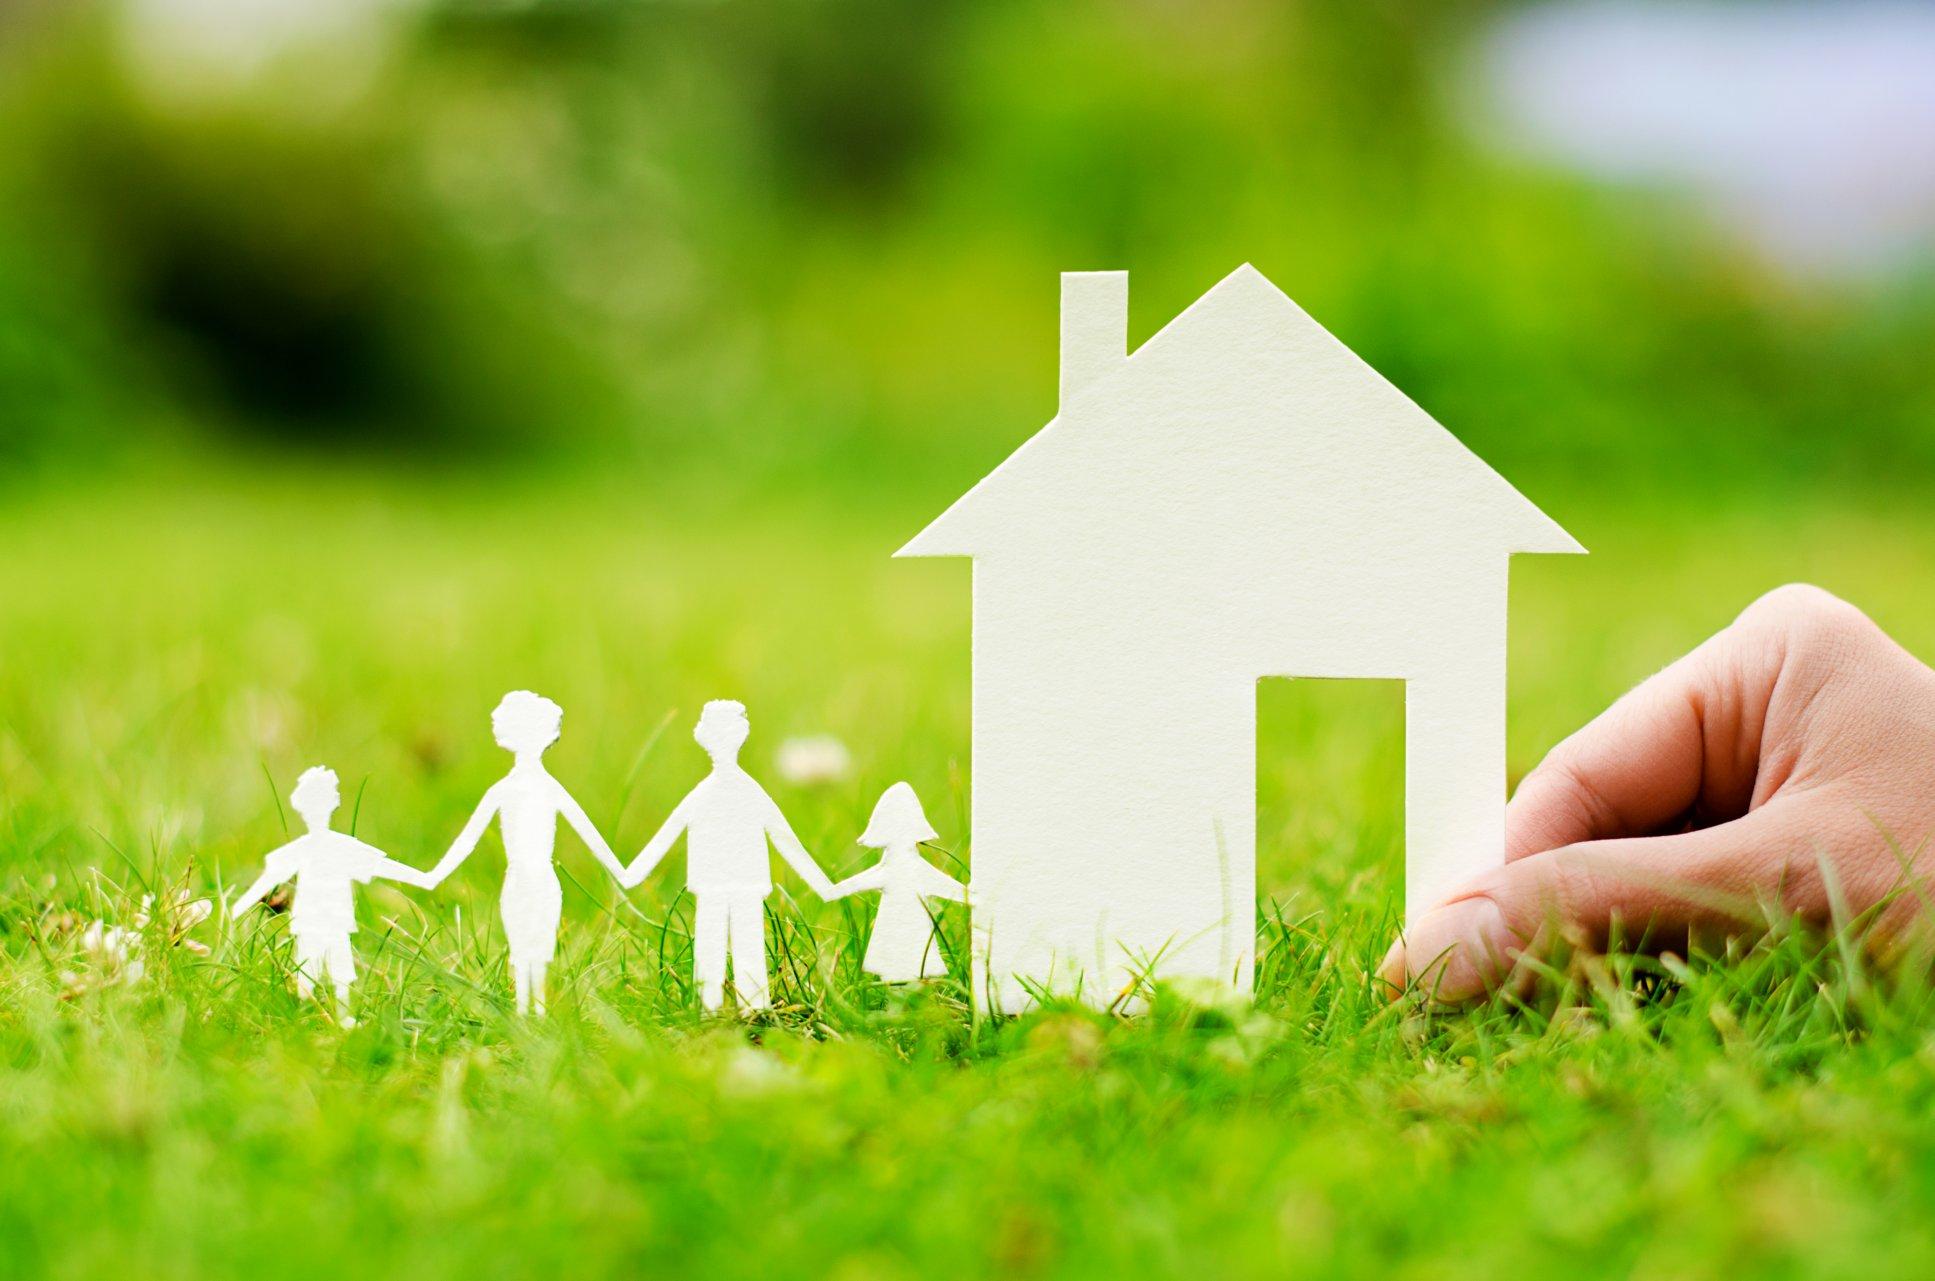 בניית בית פרטי או בניית וילה מהווים פרויקט לא קטן